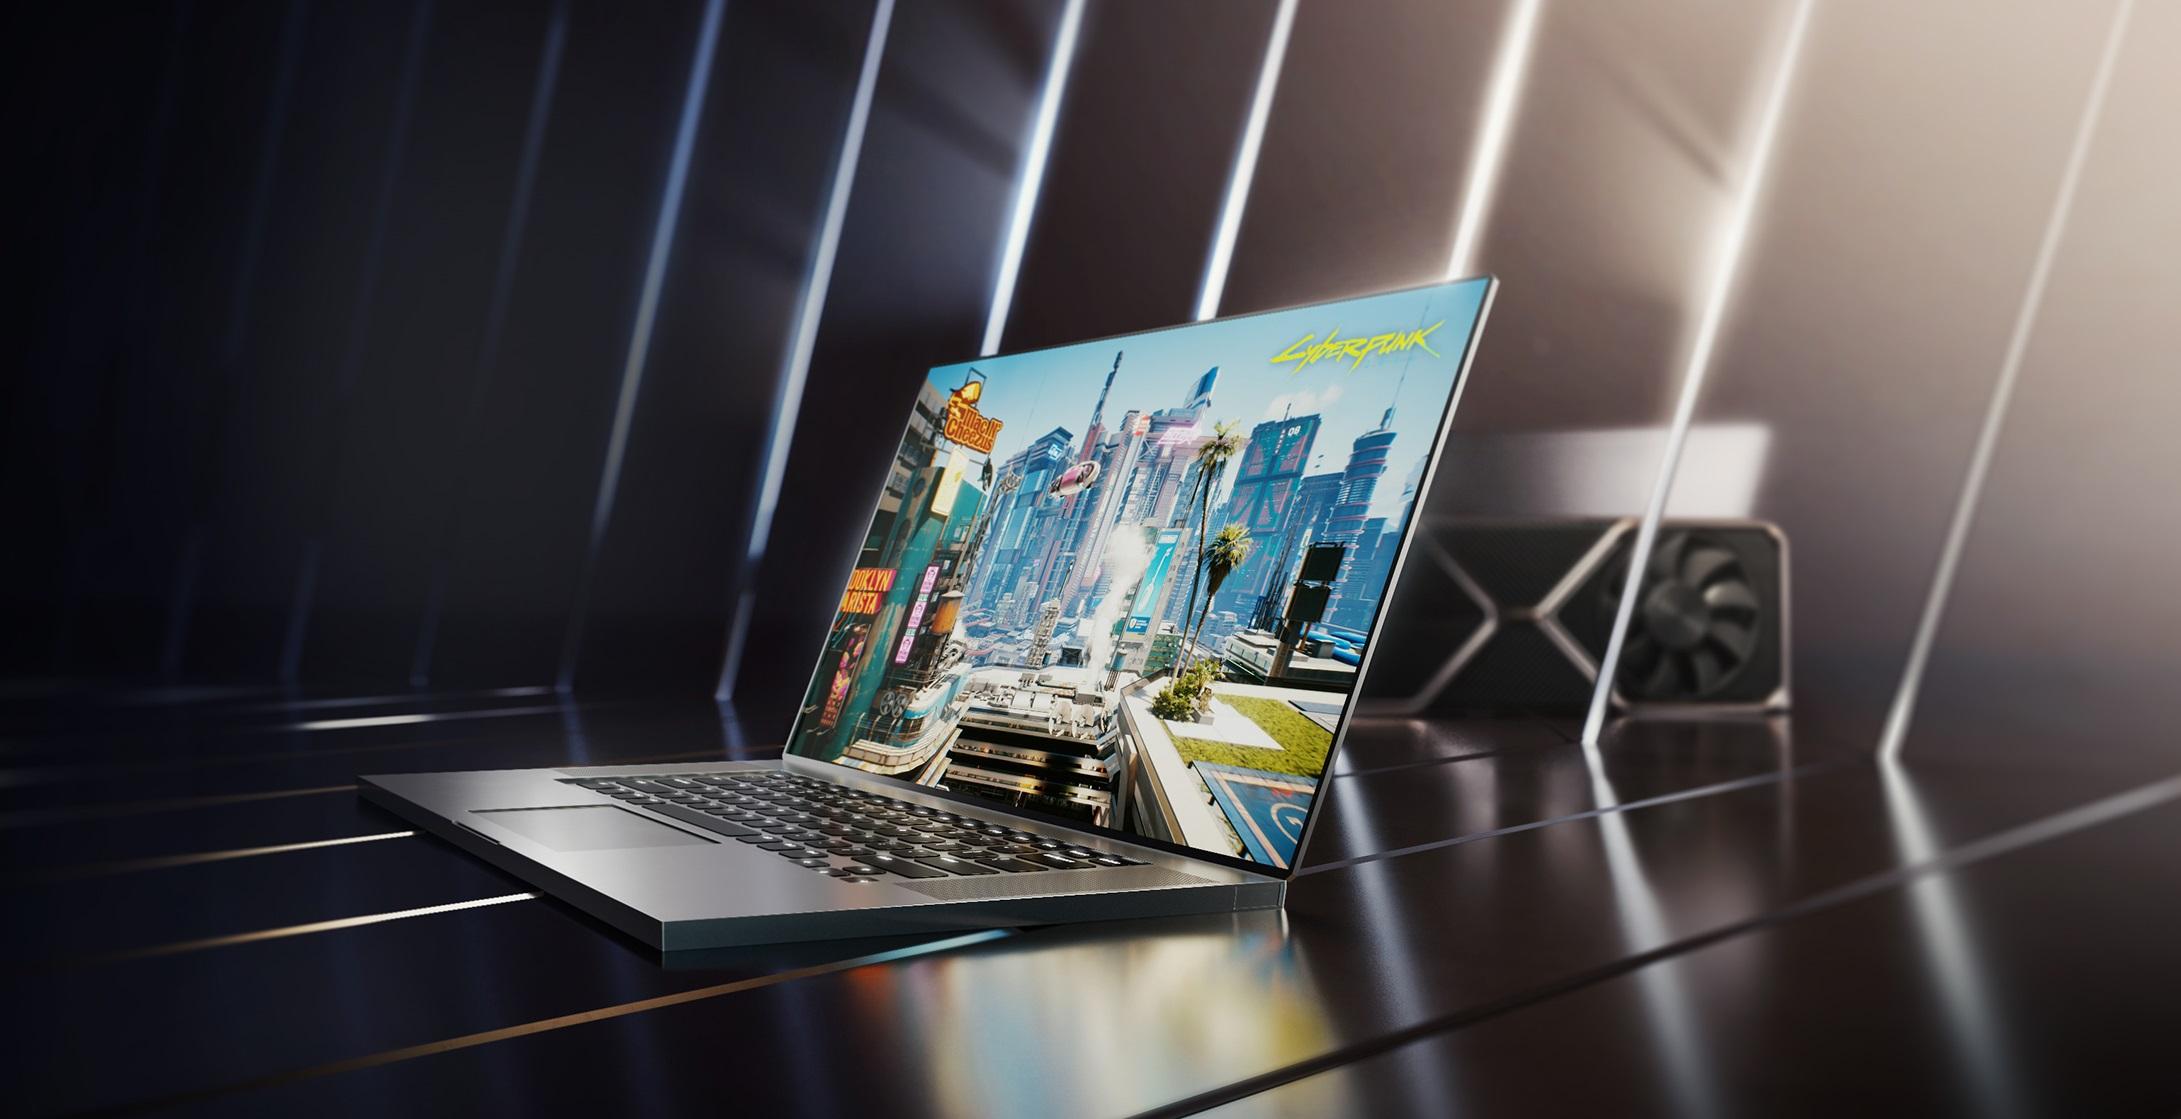 Asus confirma la existencia de una Nvidia GeForce RTX 3050 Ti con 4GB de VRAM para portátiles